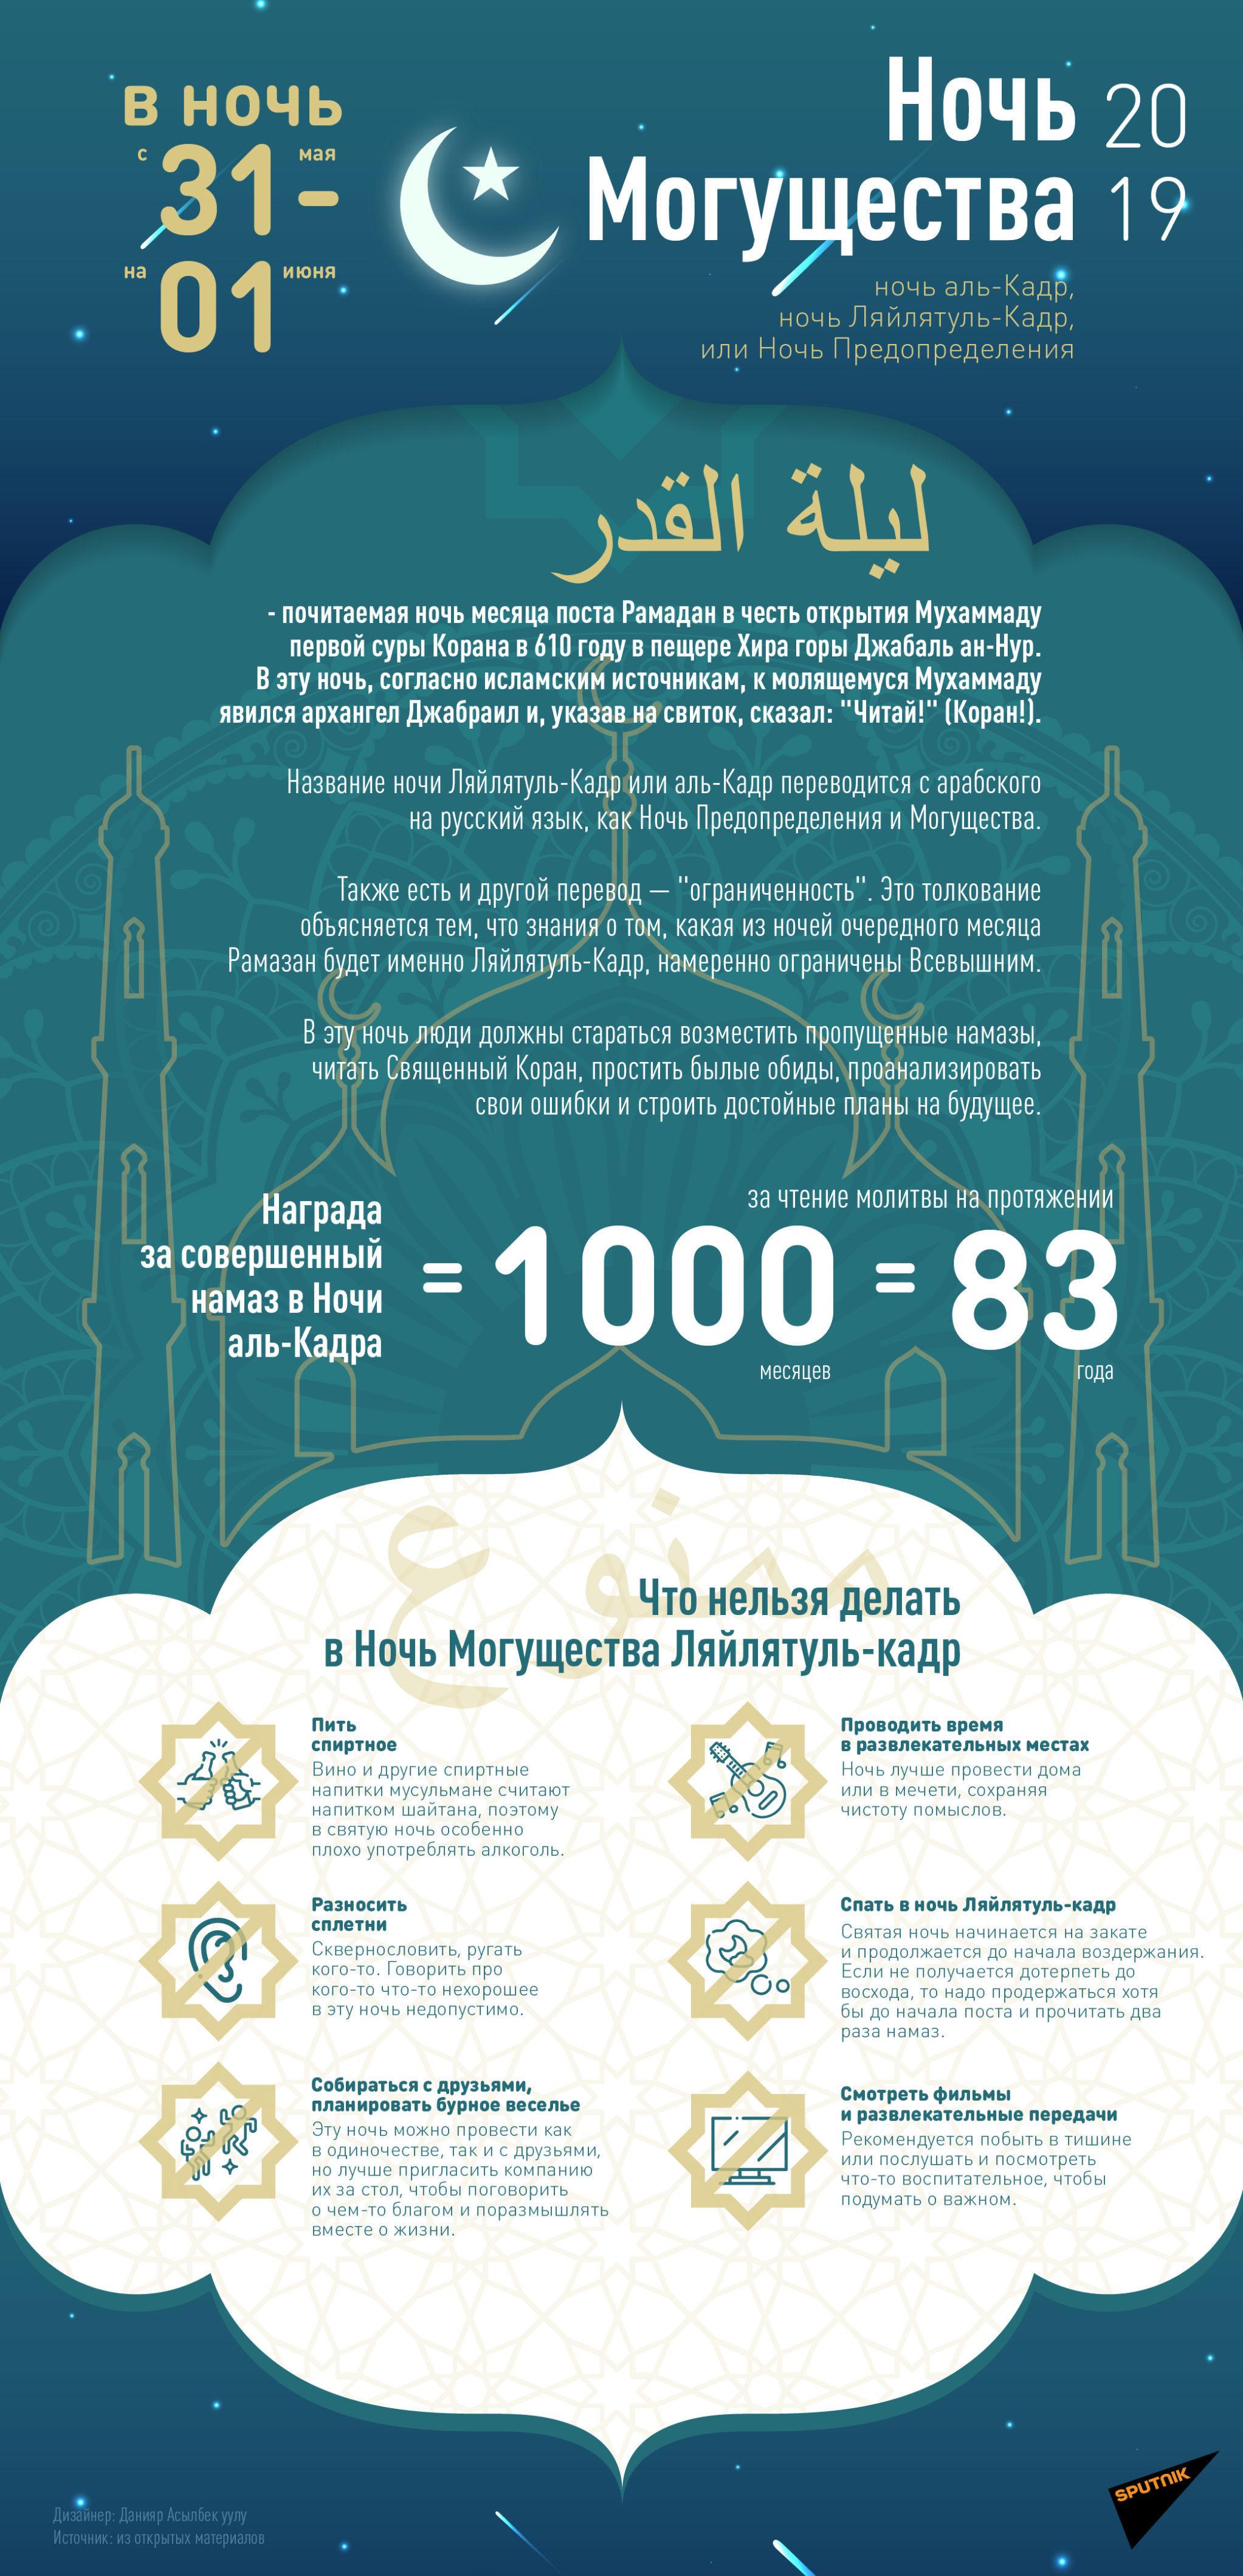 Ночь Предопределения - инфографика